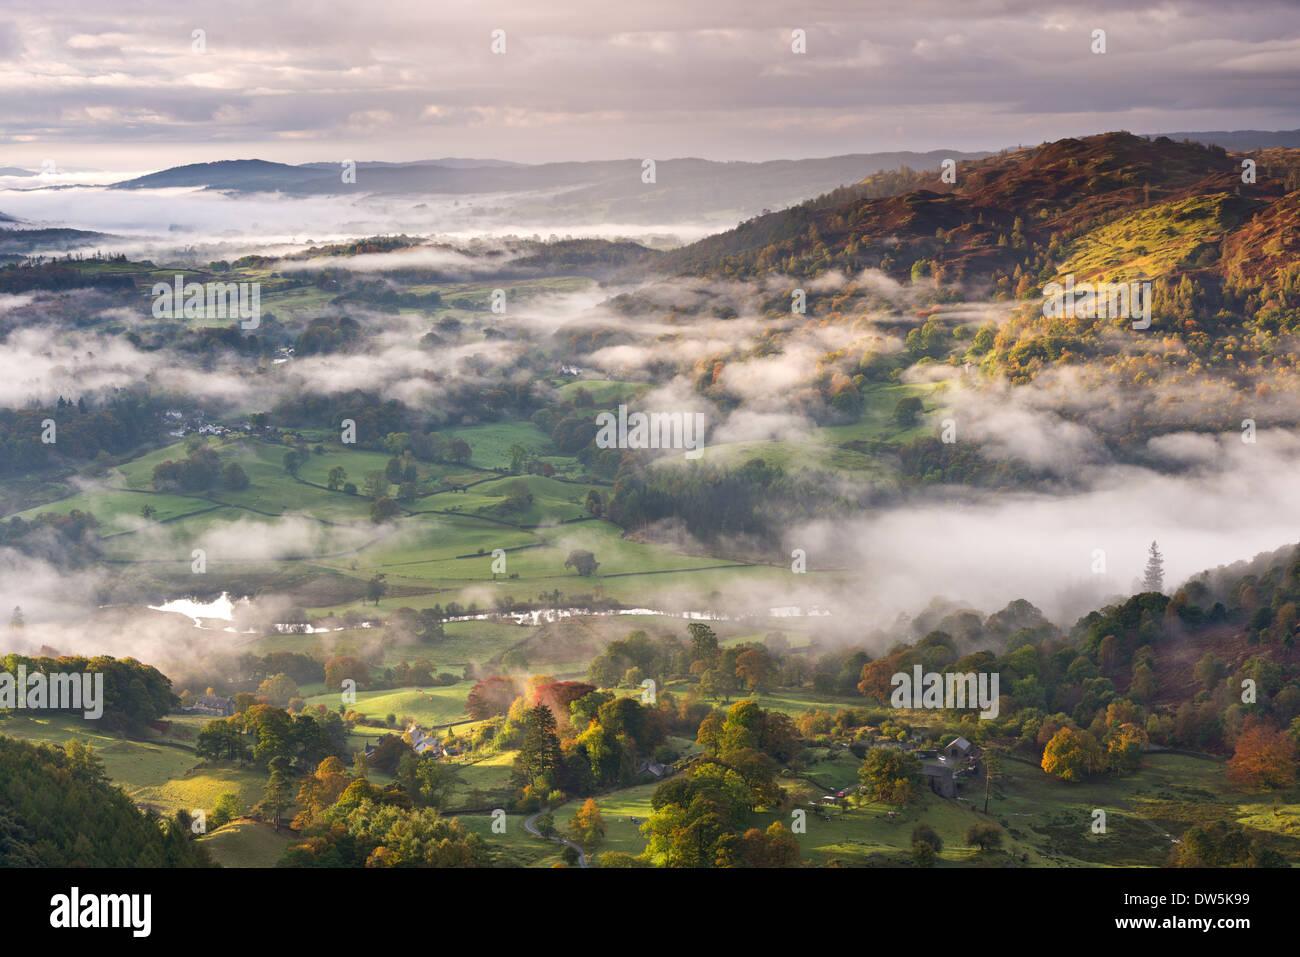 Le patch di nebbia di mattina galleggiante al di sopra di campagna vicino al fiume Brathay, Parco Nazionale del Distretto dei Laghi, Cumbria, Inghilterra. Immagini Stock